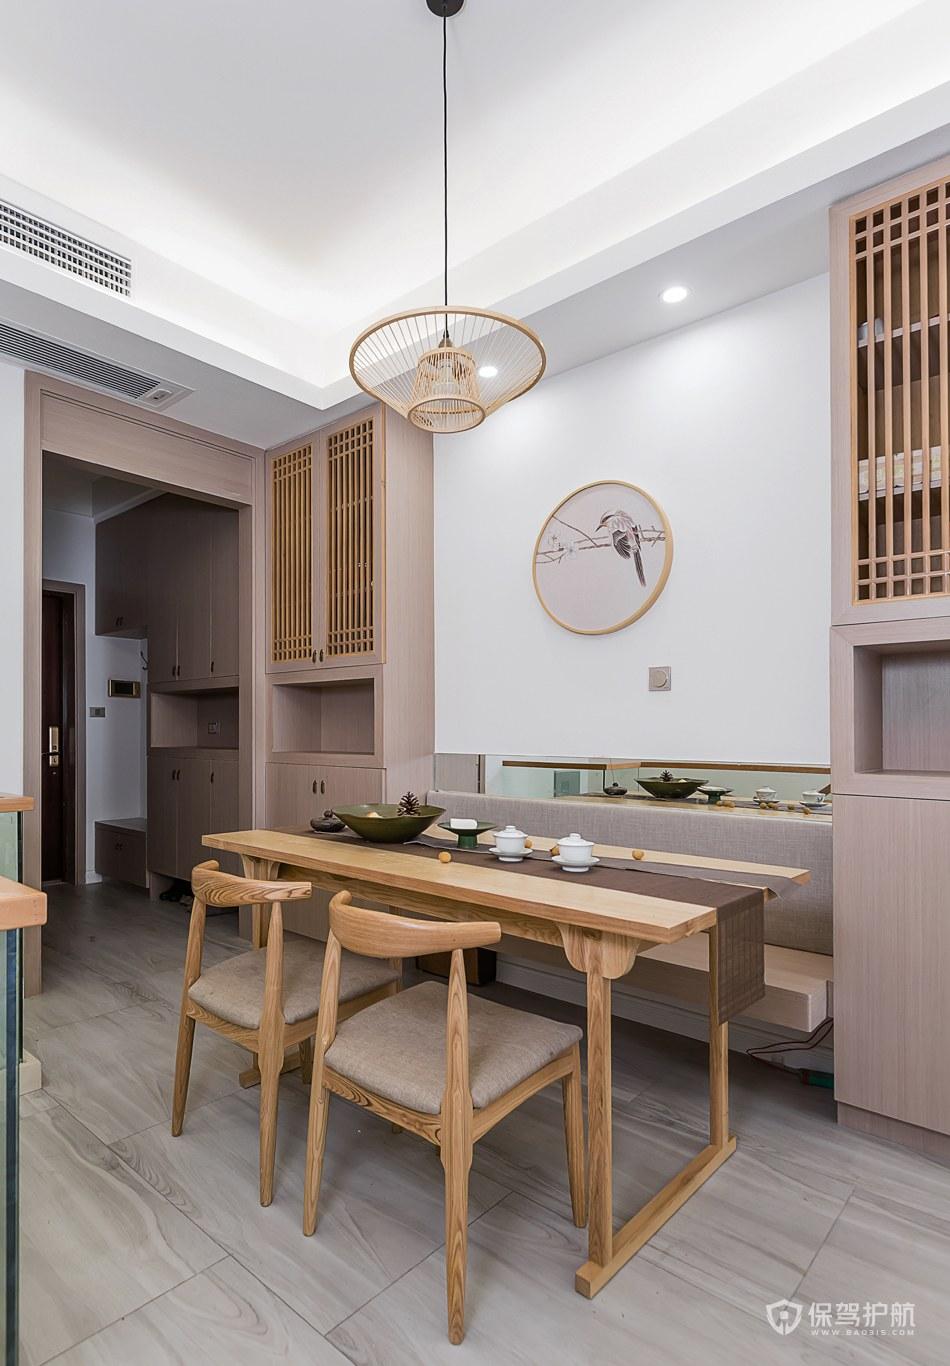 清新新中式风格三房小餐厅卡座装修效…